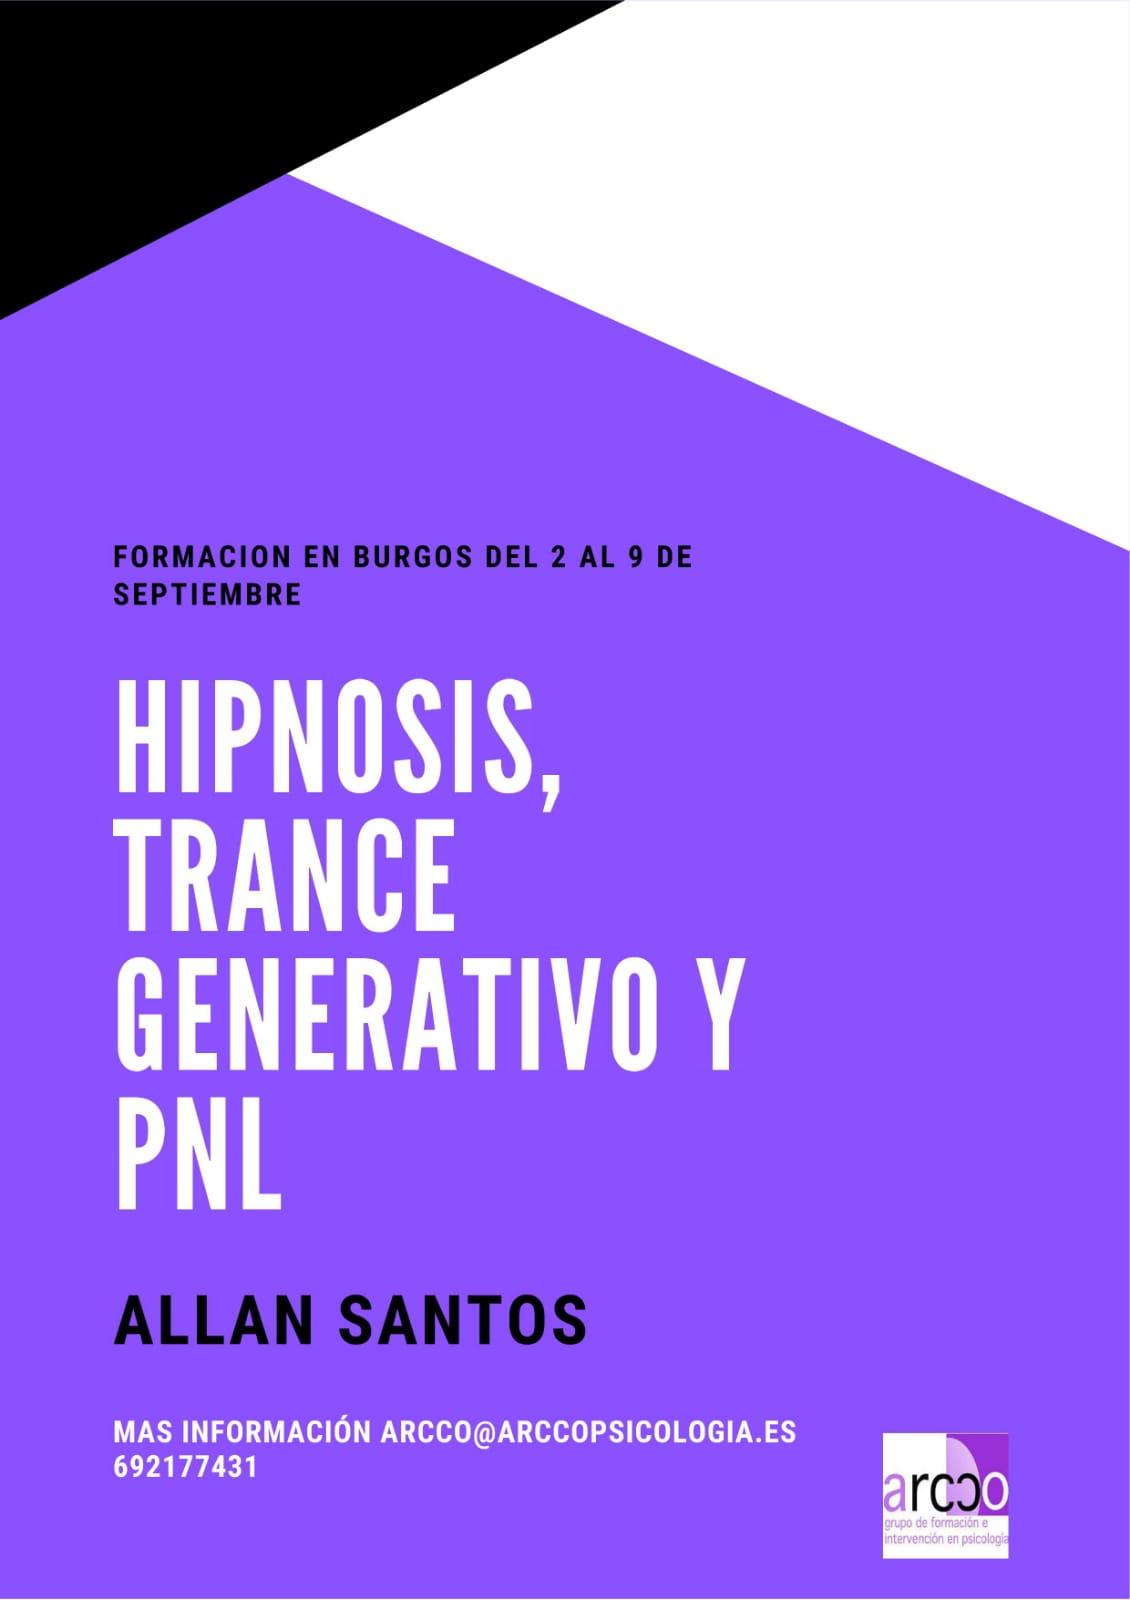 Curso PNL Allan Santos